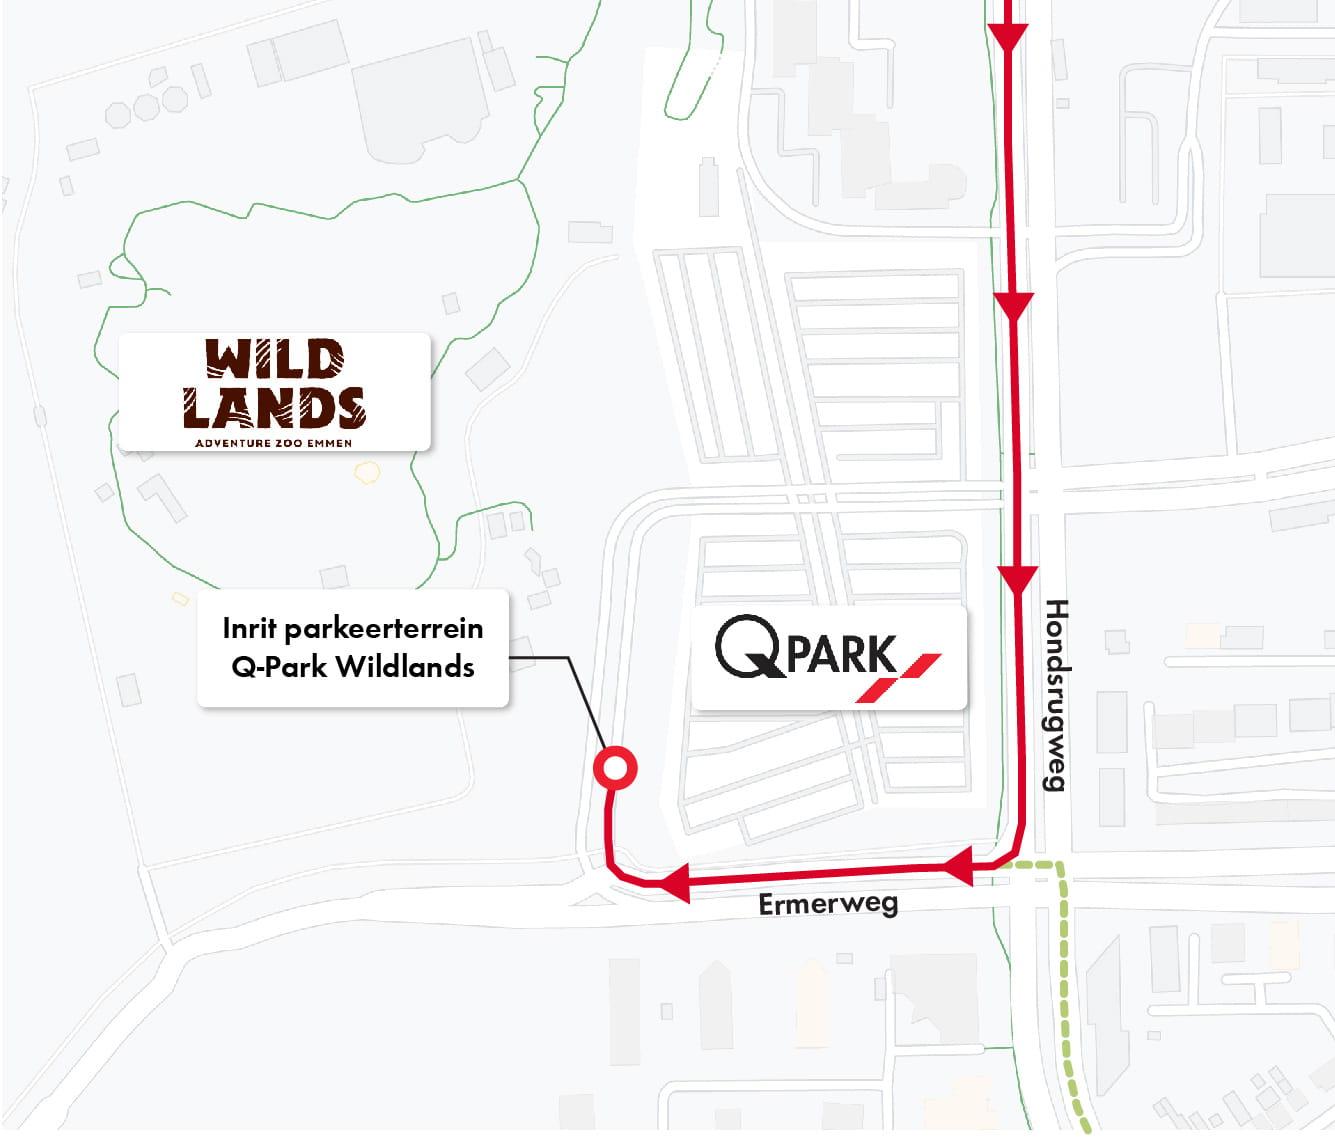 Route description Q-Park Wildlands